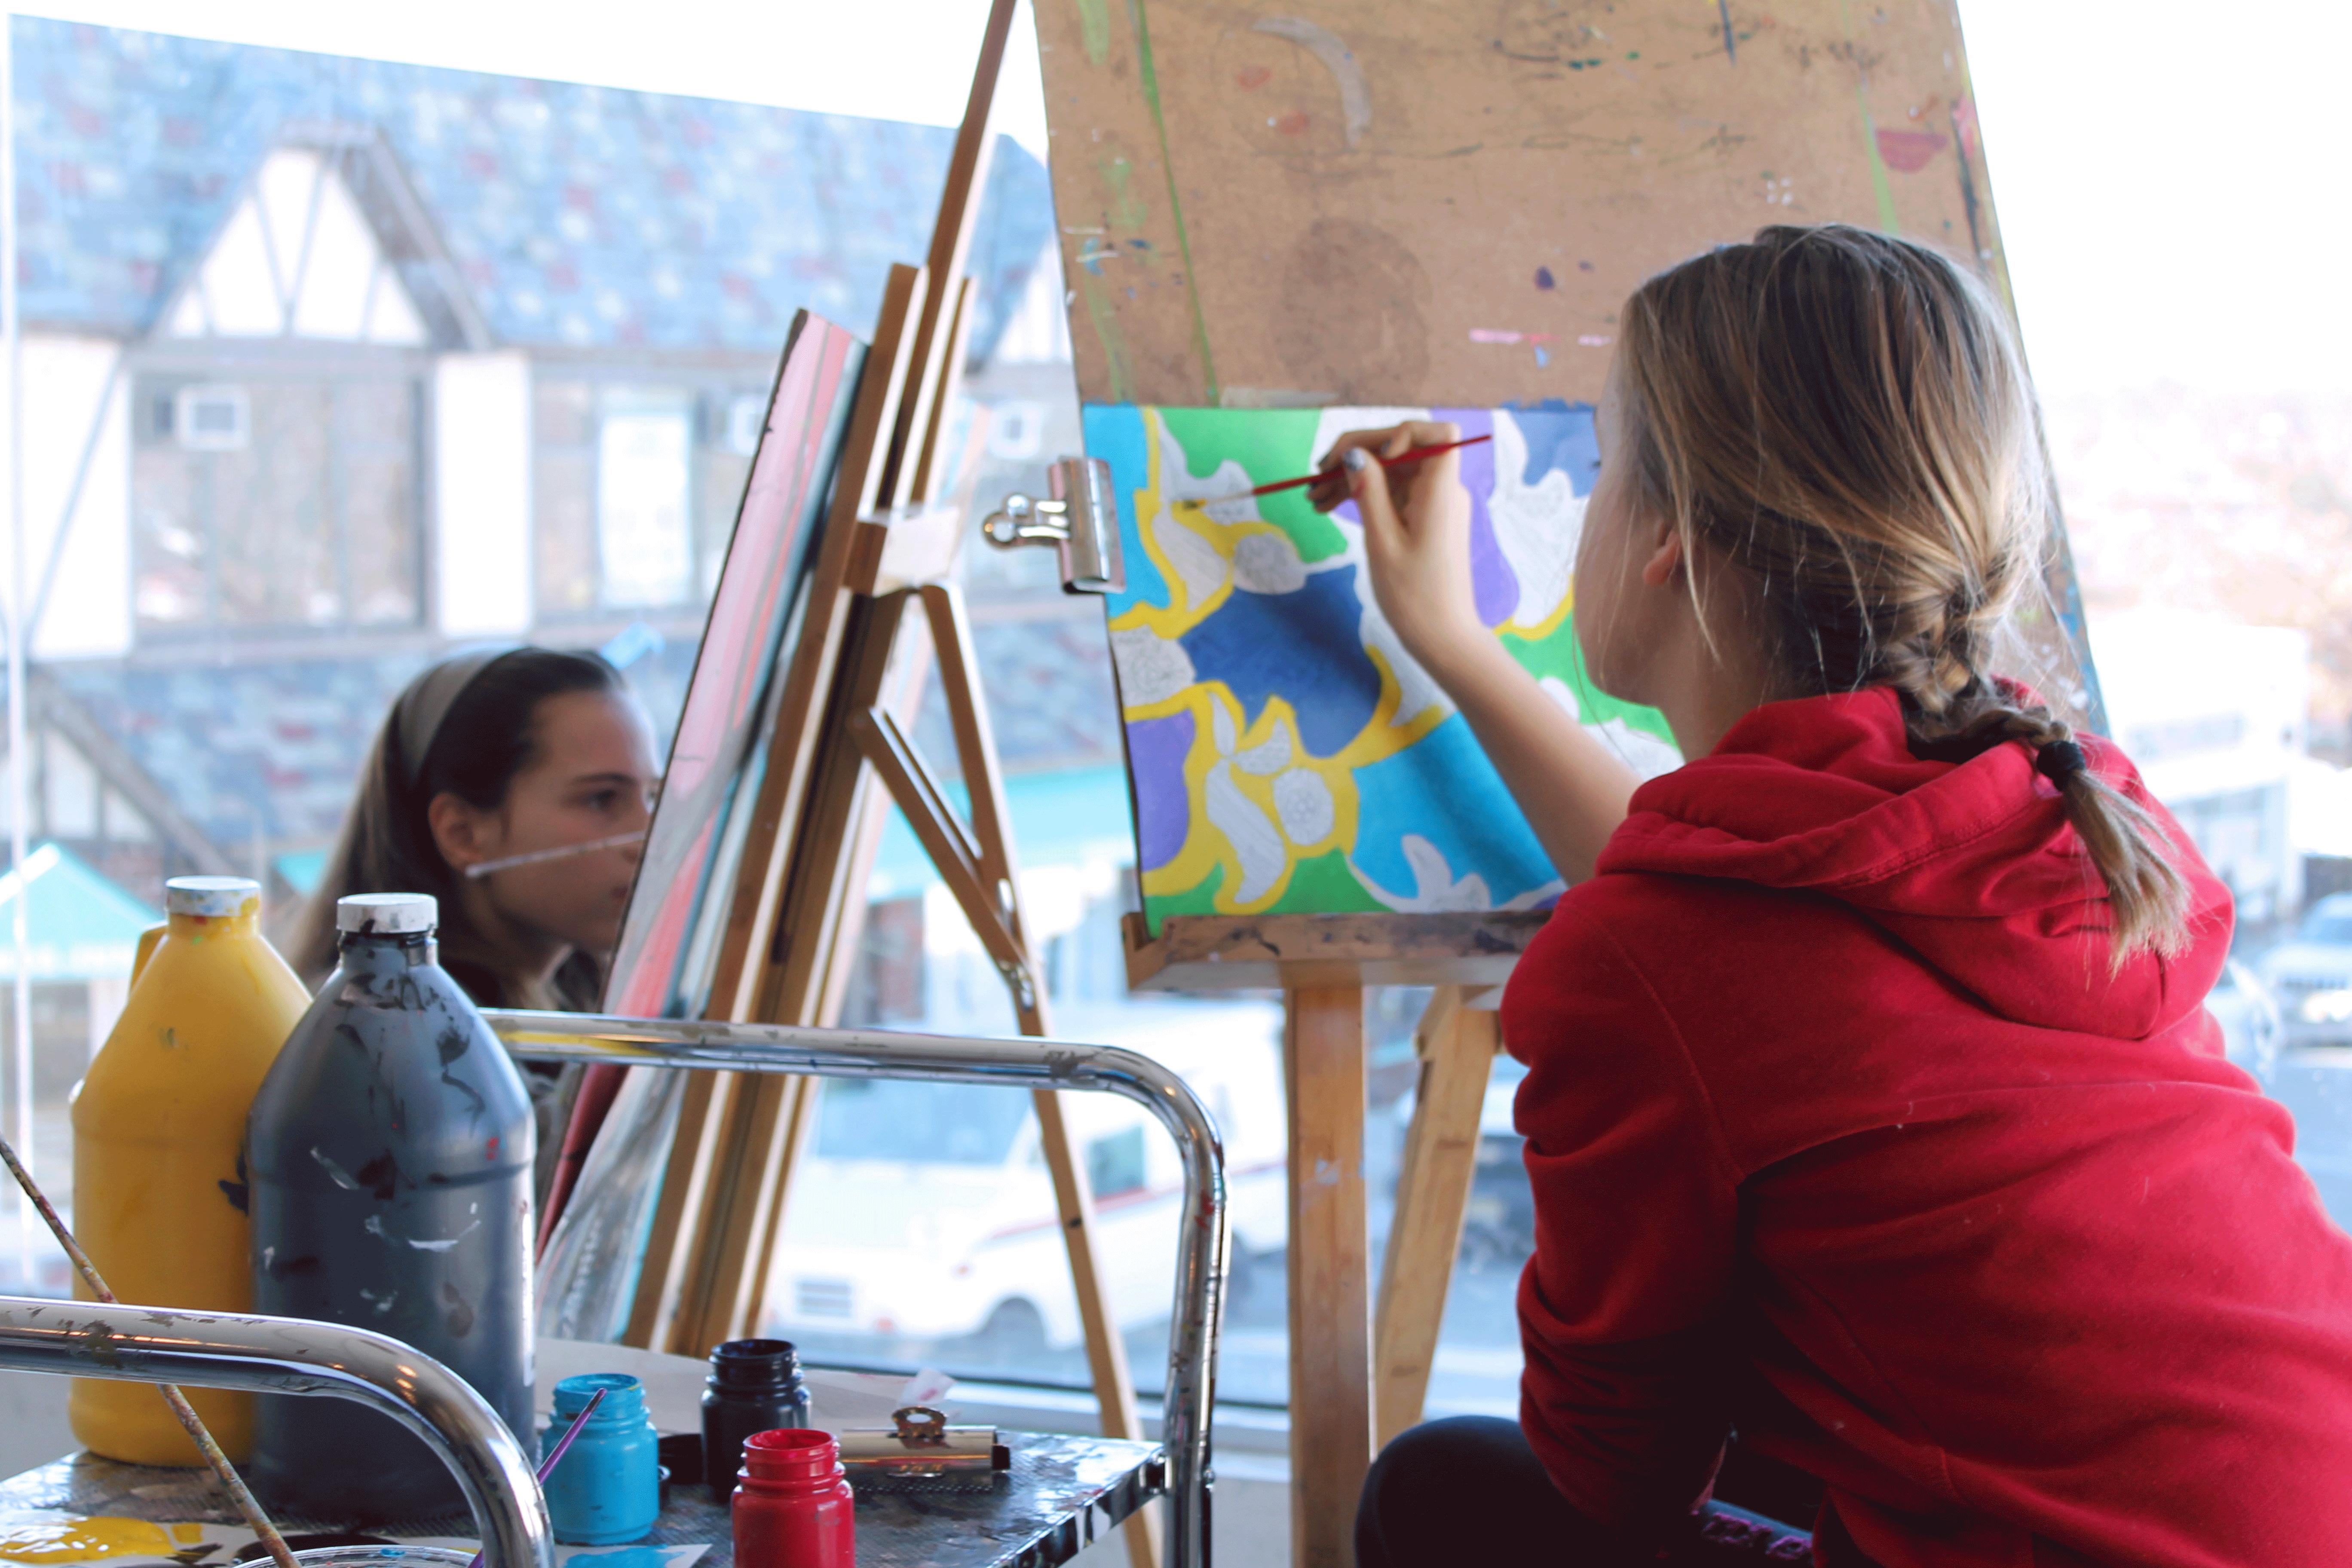 Teen Summer Camp Larchmont One River Art Digital